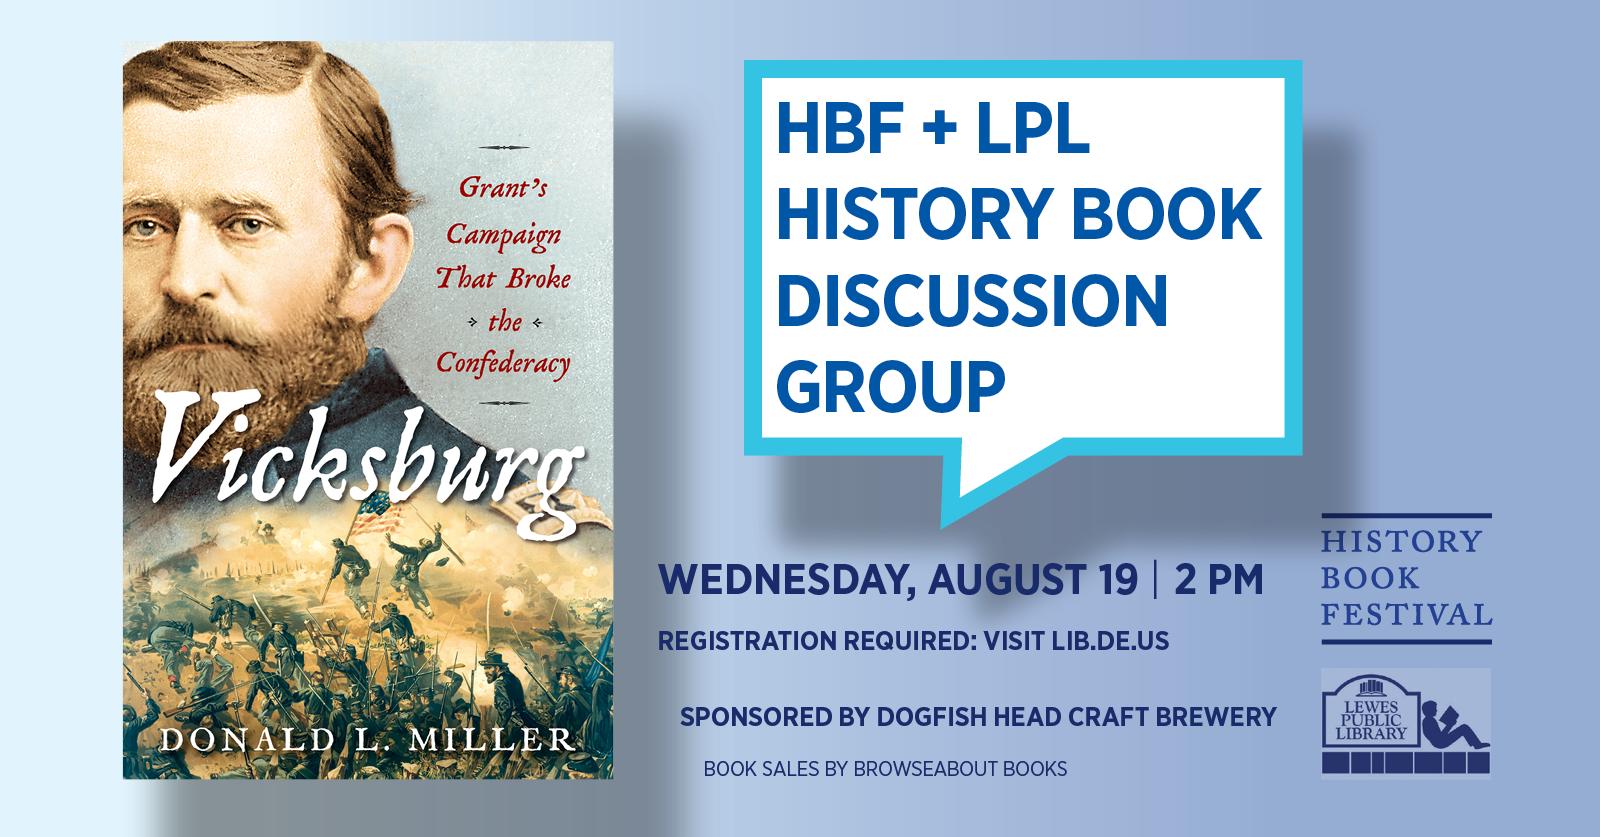 History Book Festival presents Donald L. Miller | Vicksburg